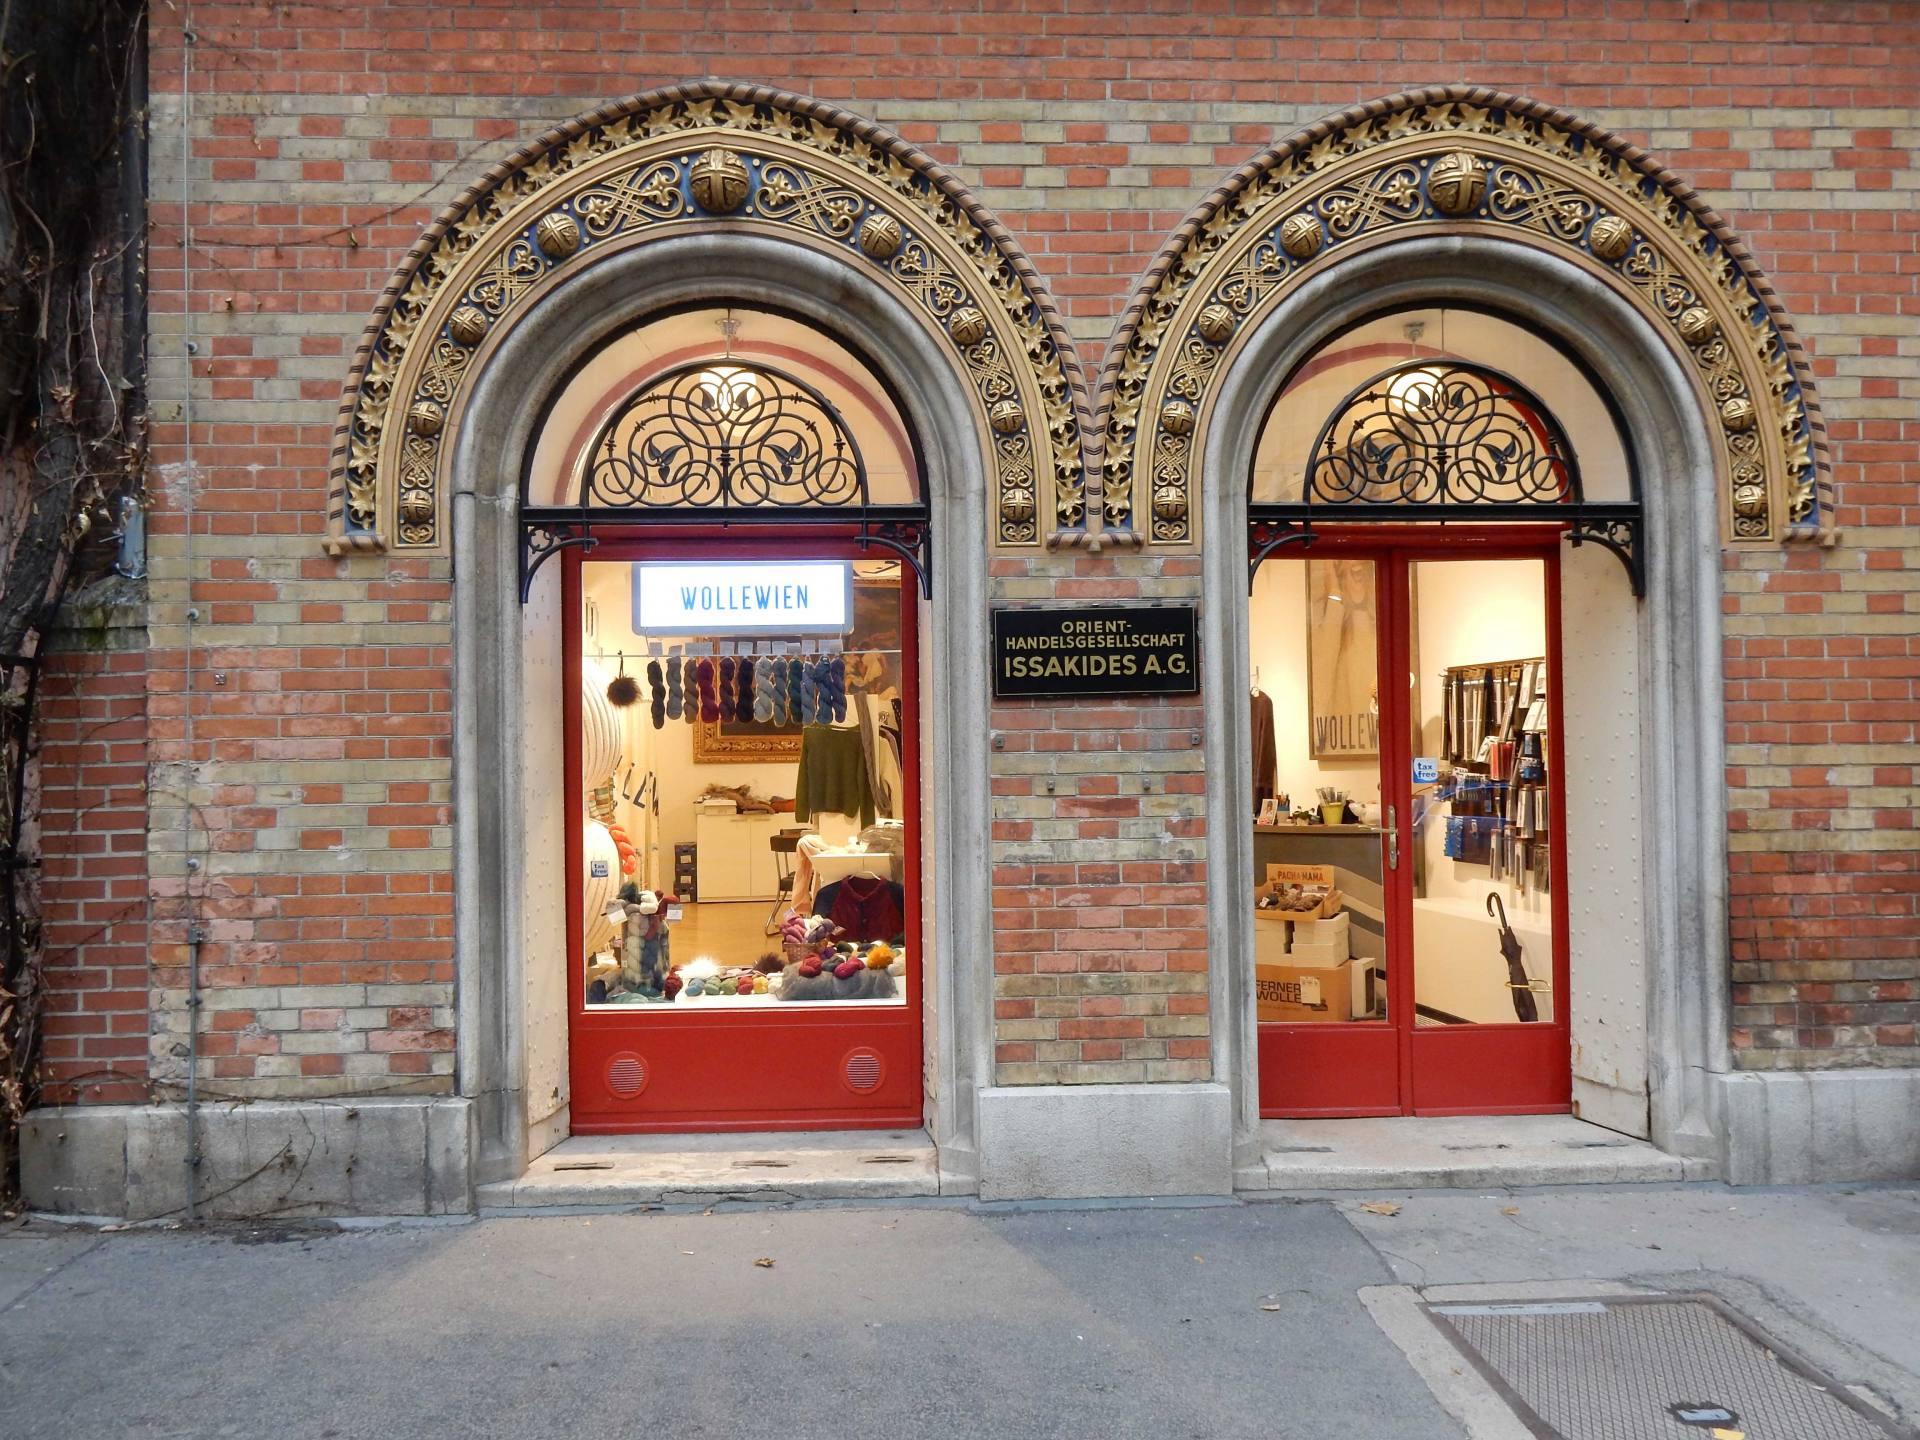 WolleWein Yarn Store, Vienna